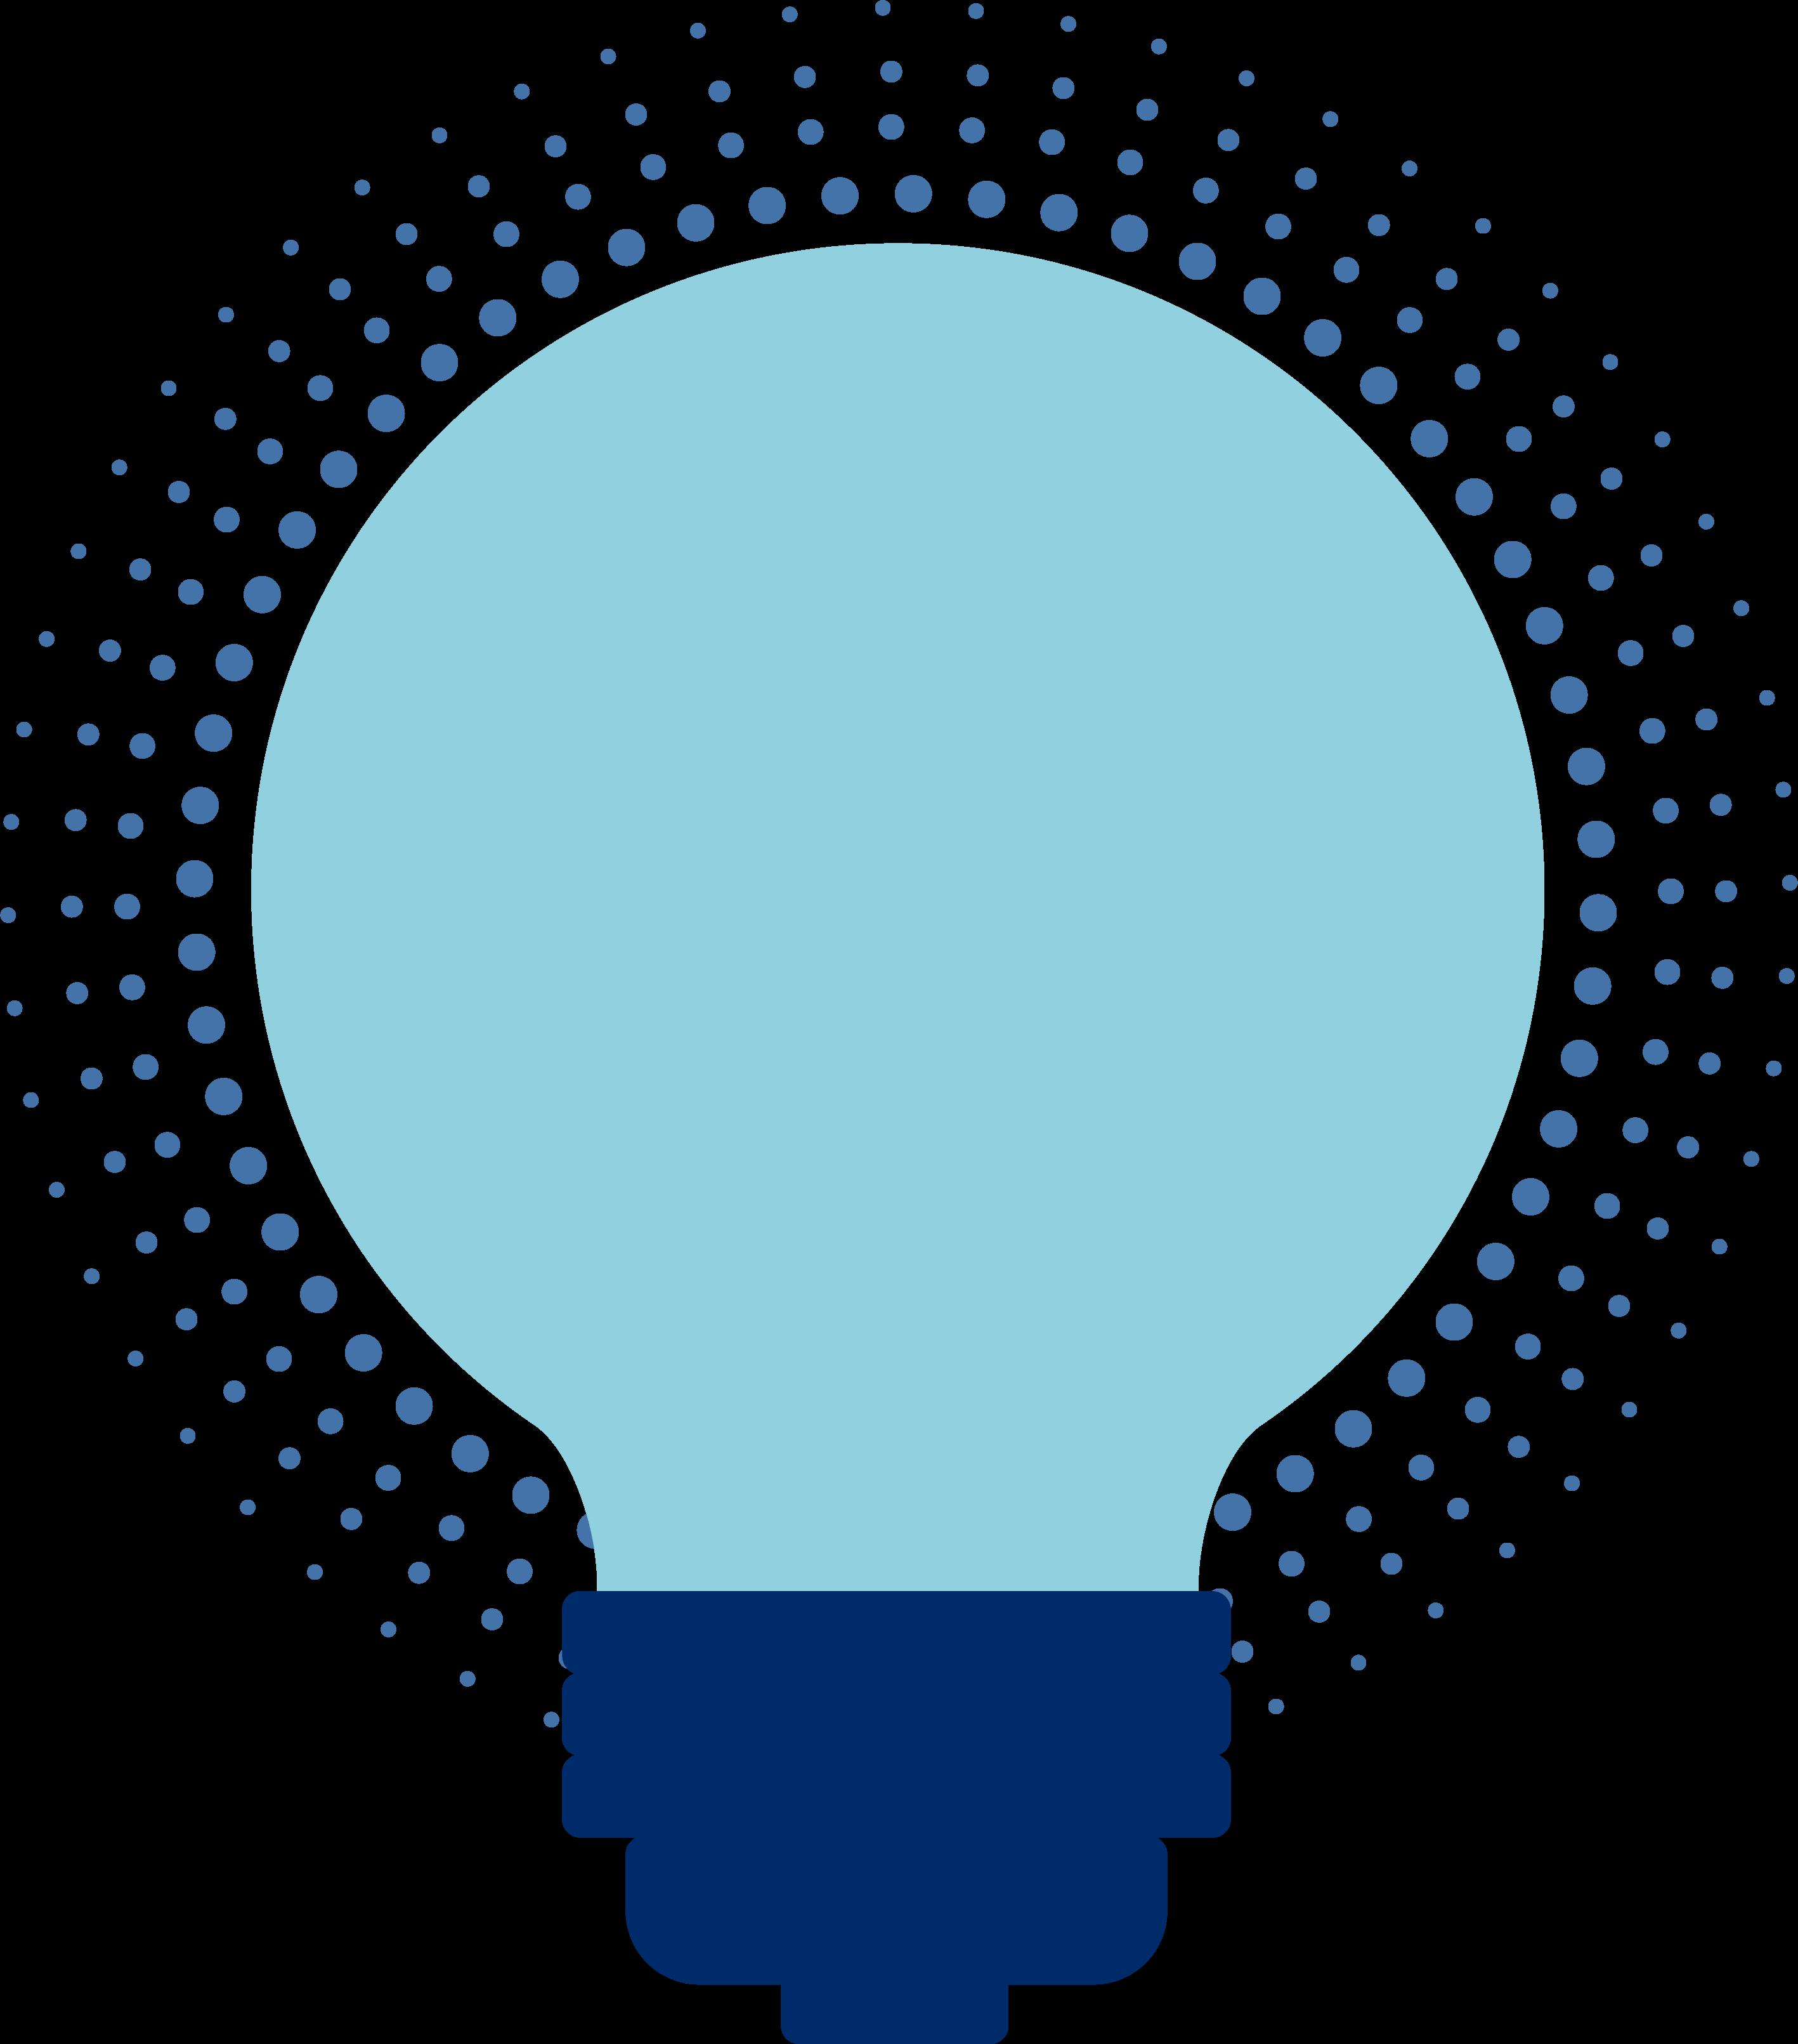 light bulb uber norak